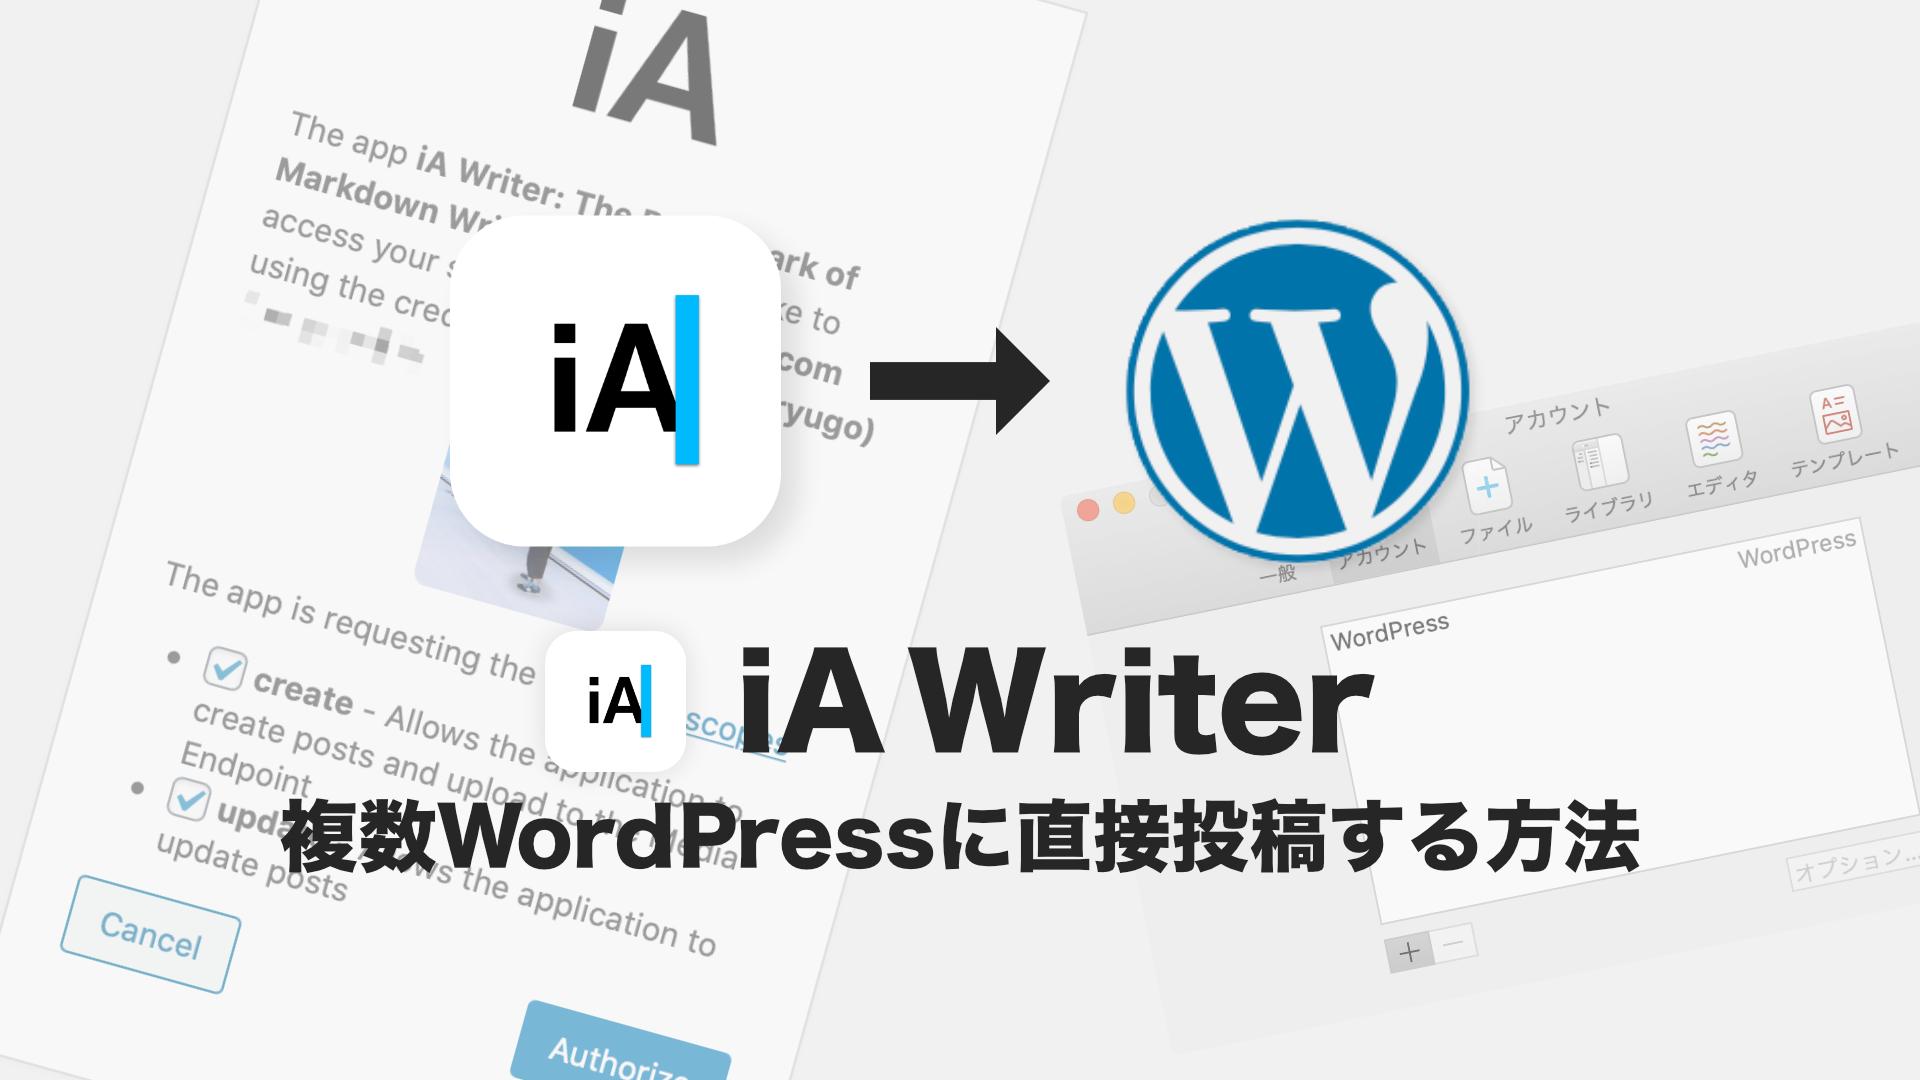 iA Writerで複数のWordPressに直接投稿をできるようにする方法